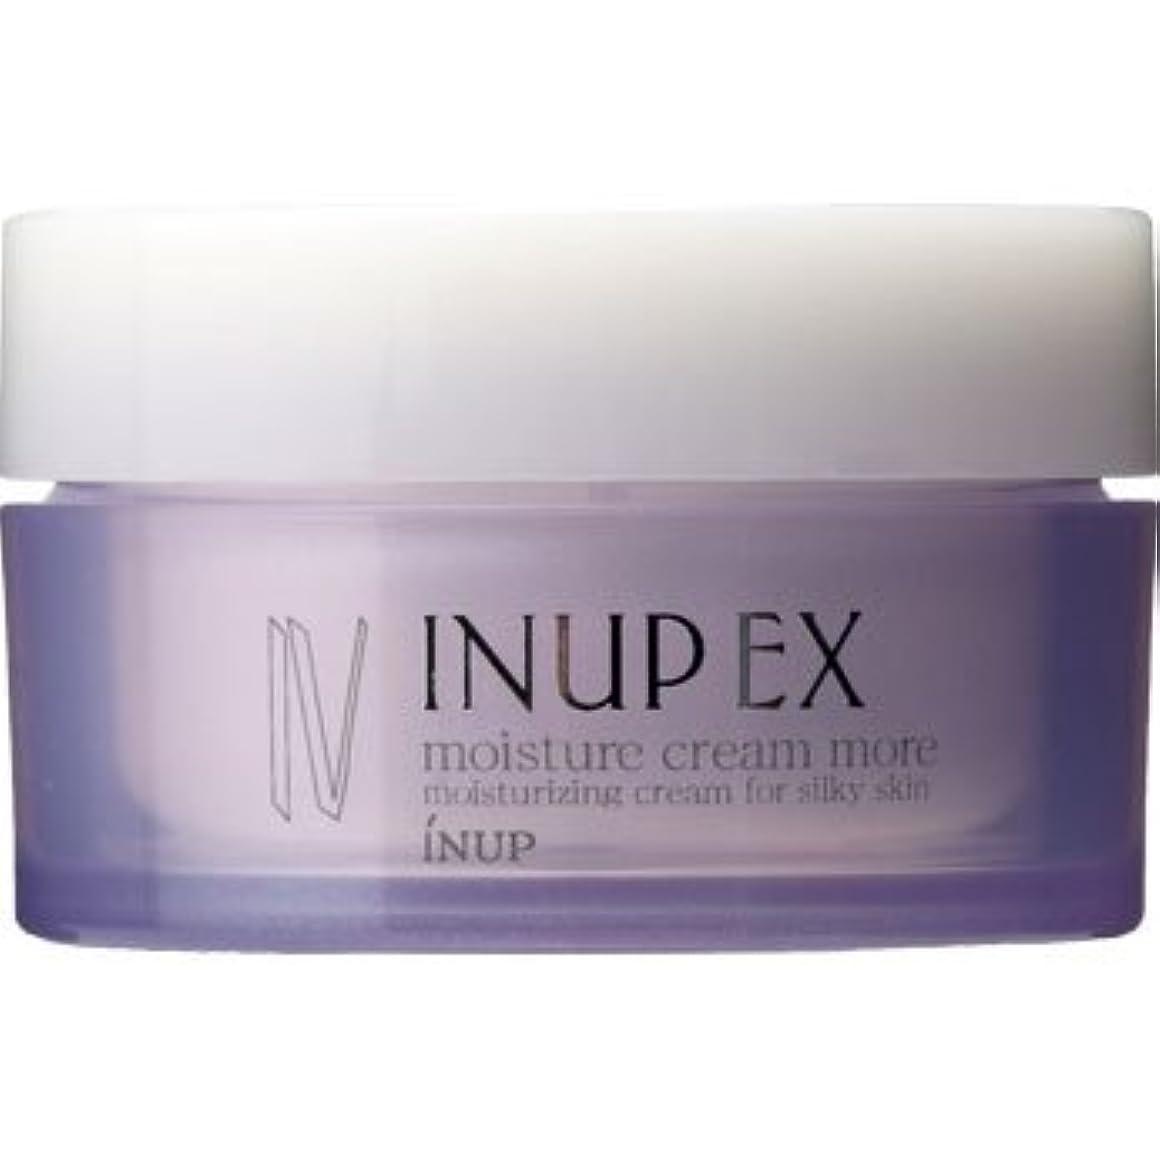 生理マッサージイライラするインナップEX 保湿クリーム (潤い効果アップ) モイスチャークリーム MD (スパチュラ付)[弱酸性] 30g